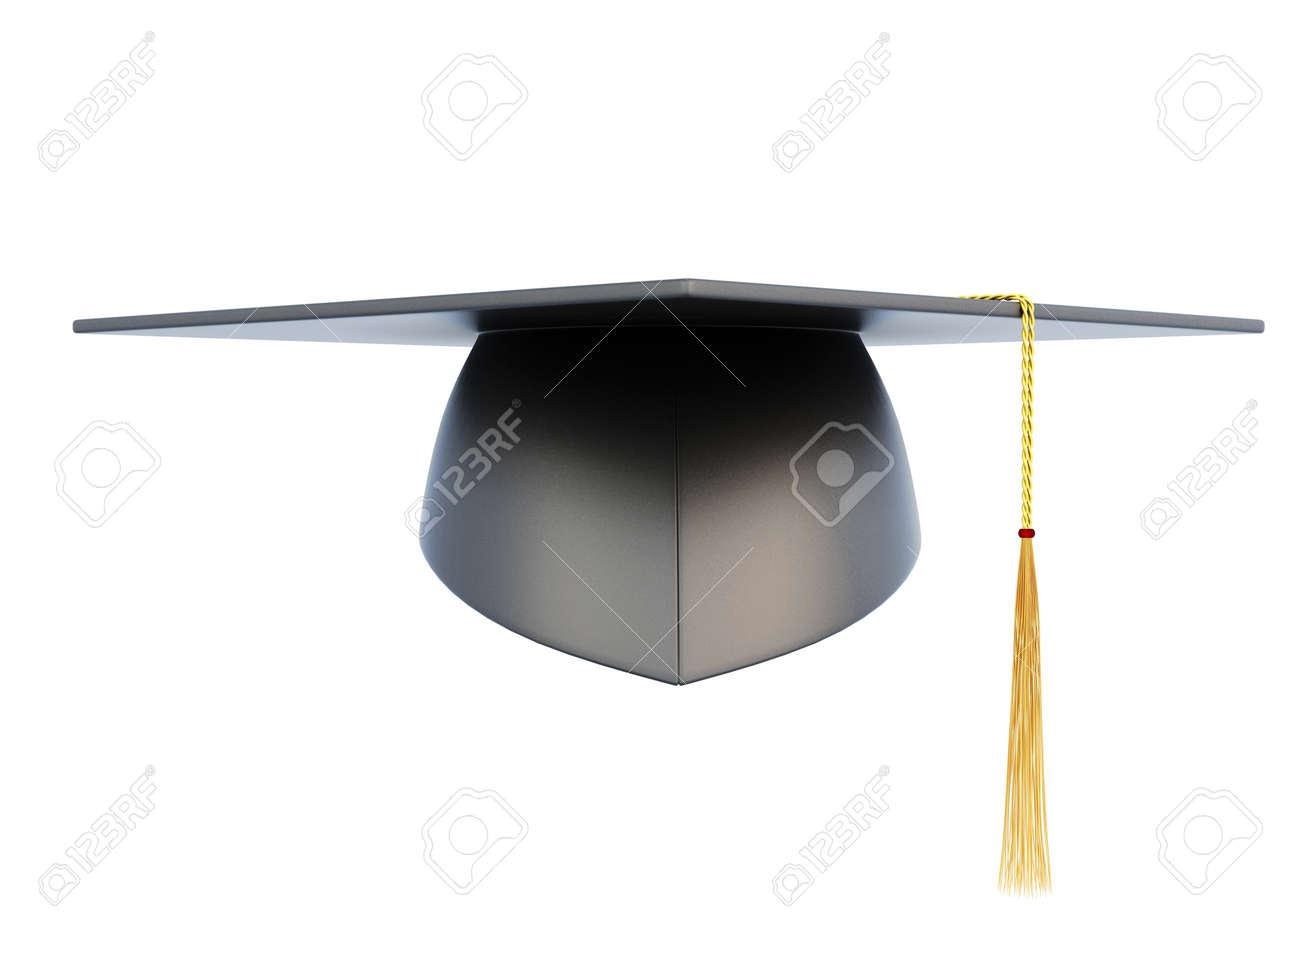 Abschluss Hut Auf Weißem Hintergrund Vorderansicht 3d Darstellung